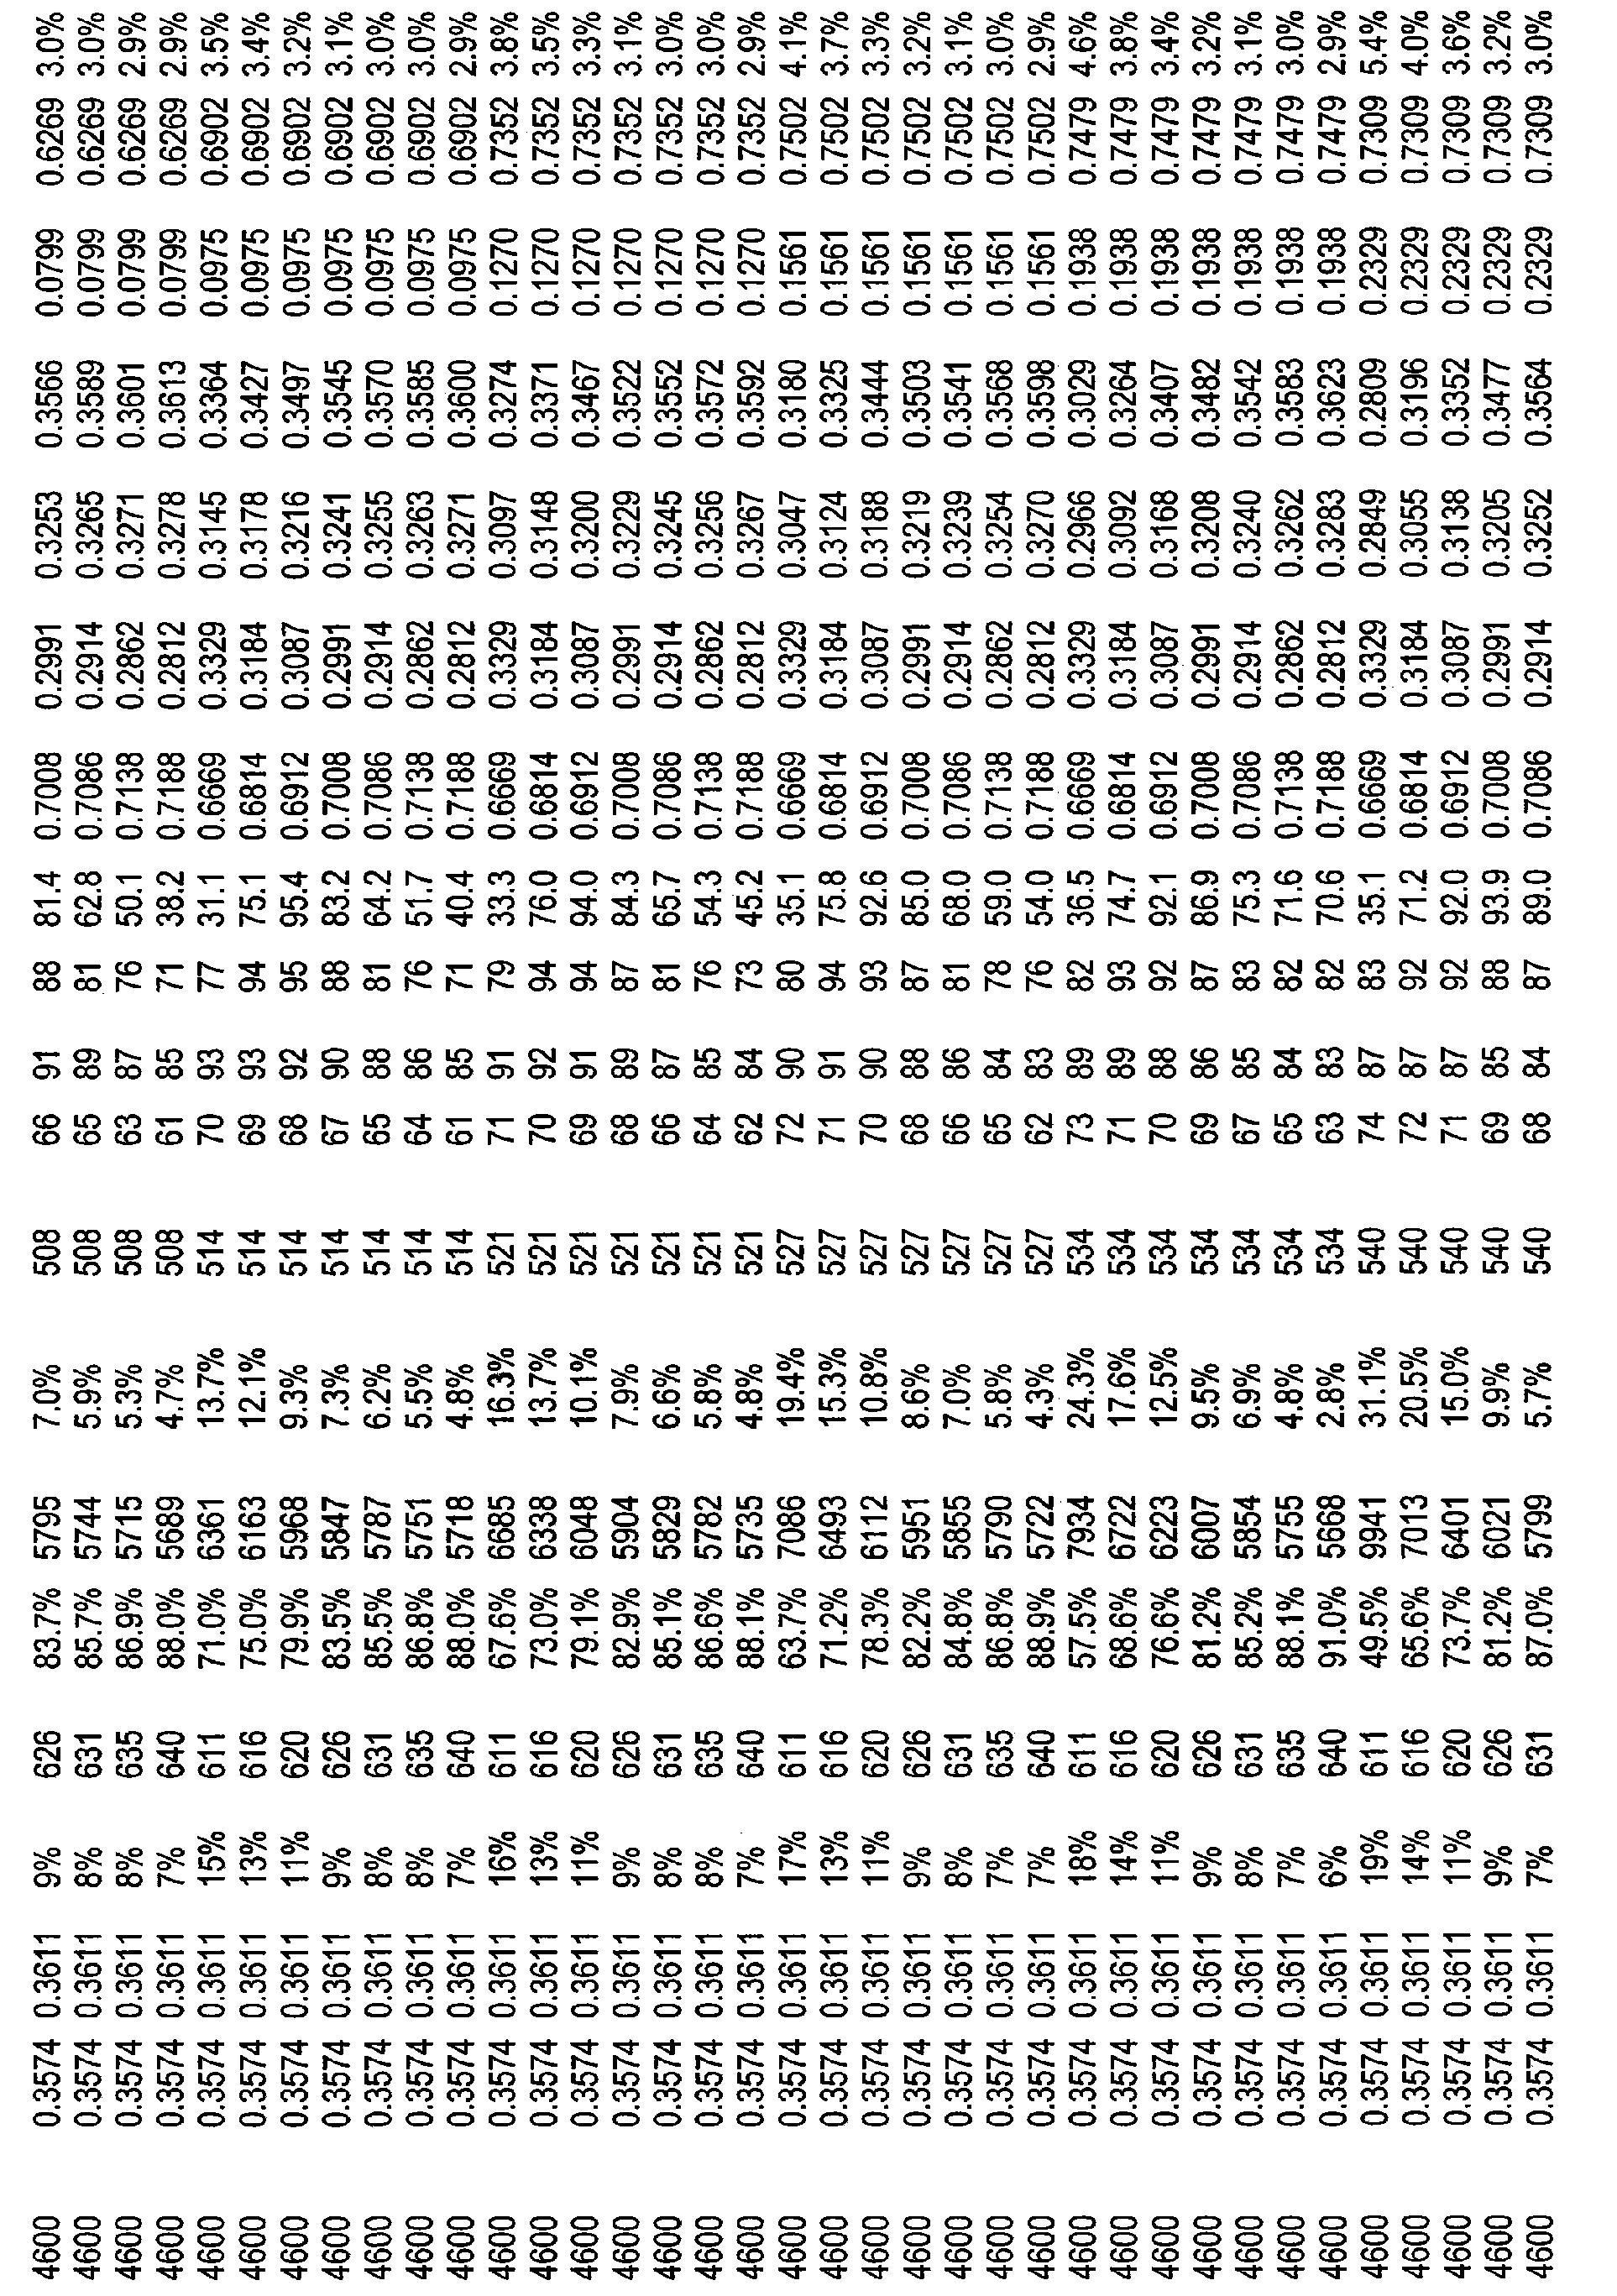 Figure CN101821544BD00761